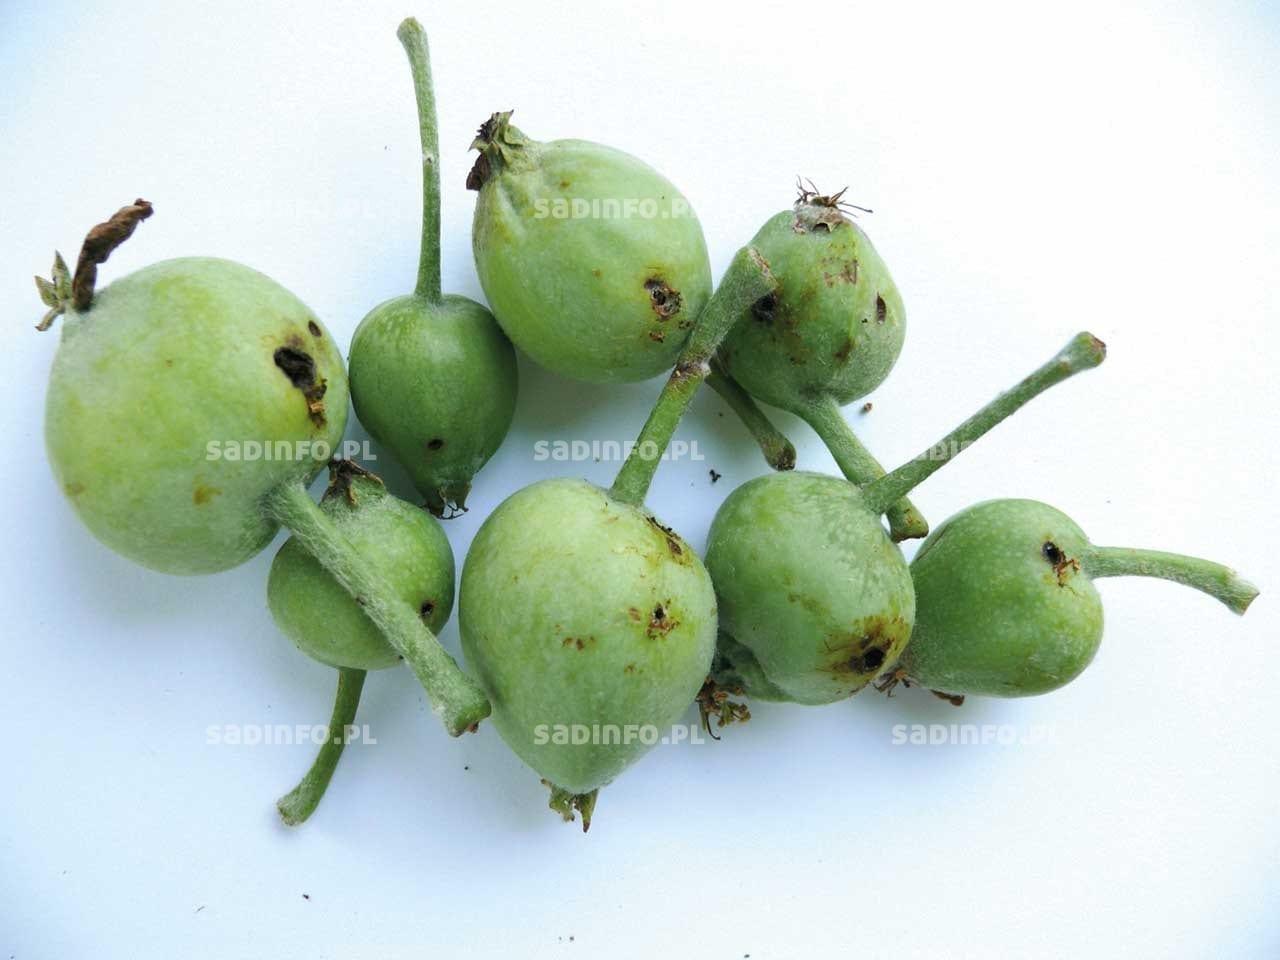 FOT. 6a. Zawiązki jabłek uszkodzone przez owocówkę jabłkóweczkę